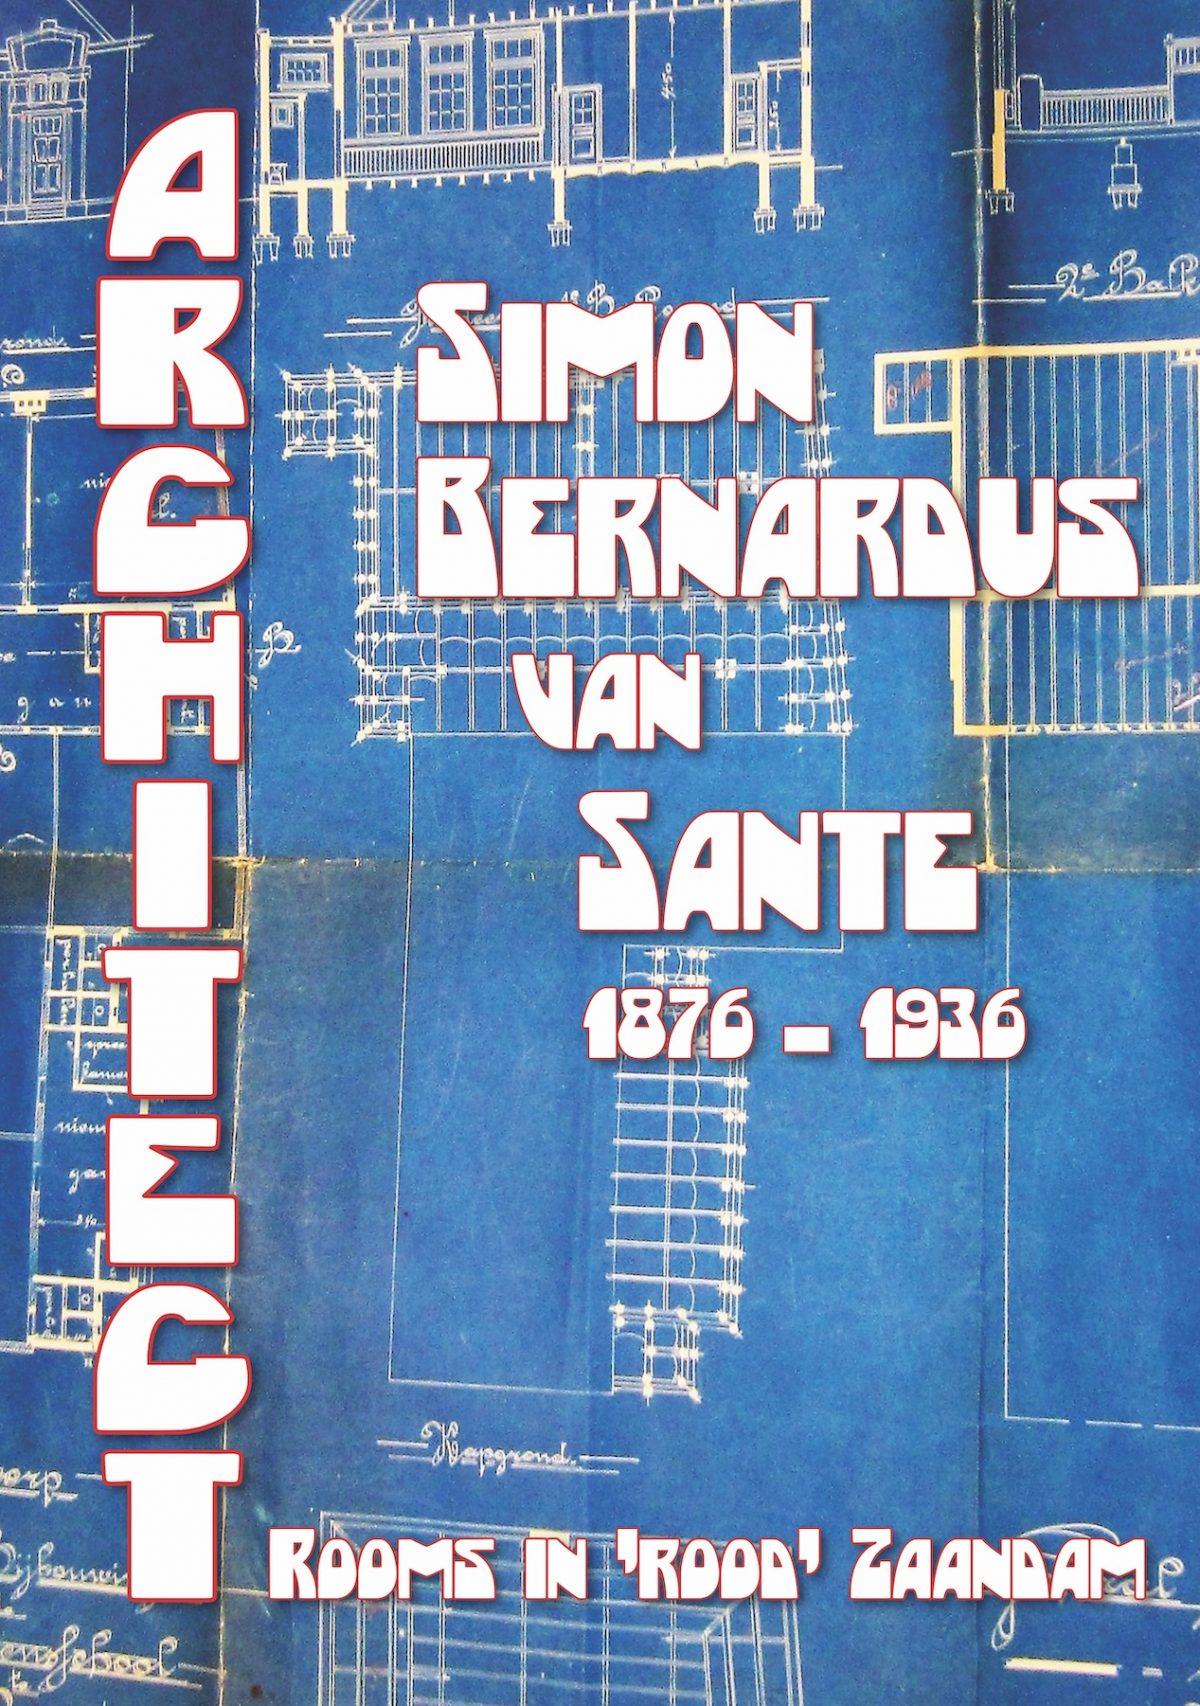 Simon Bernardus van Sante